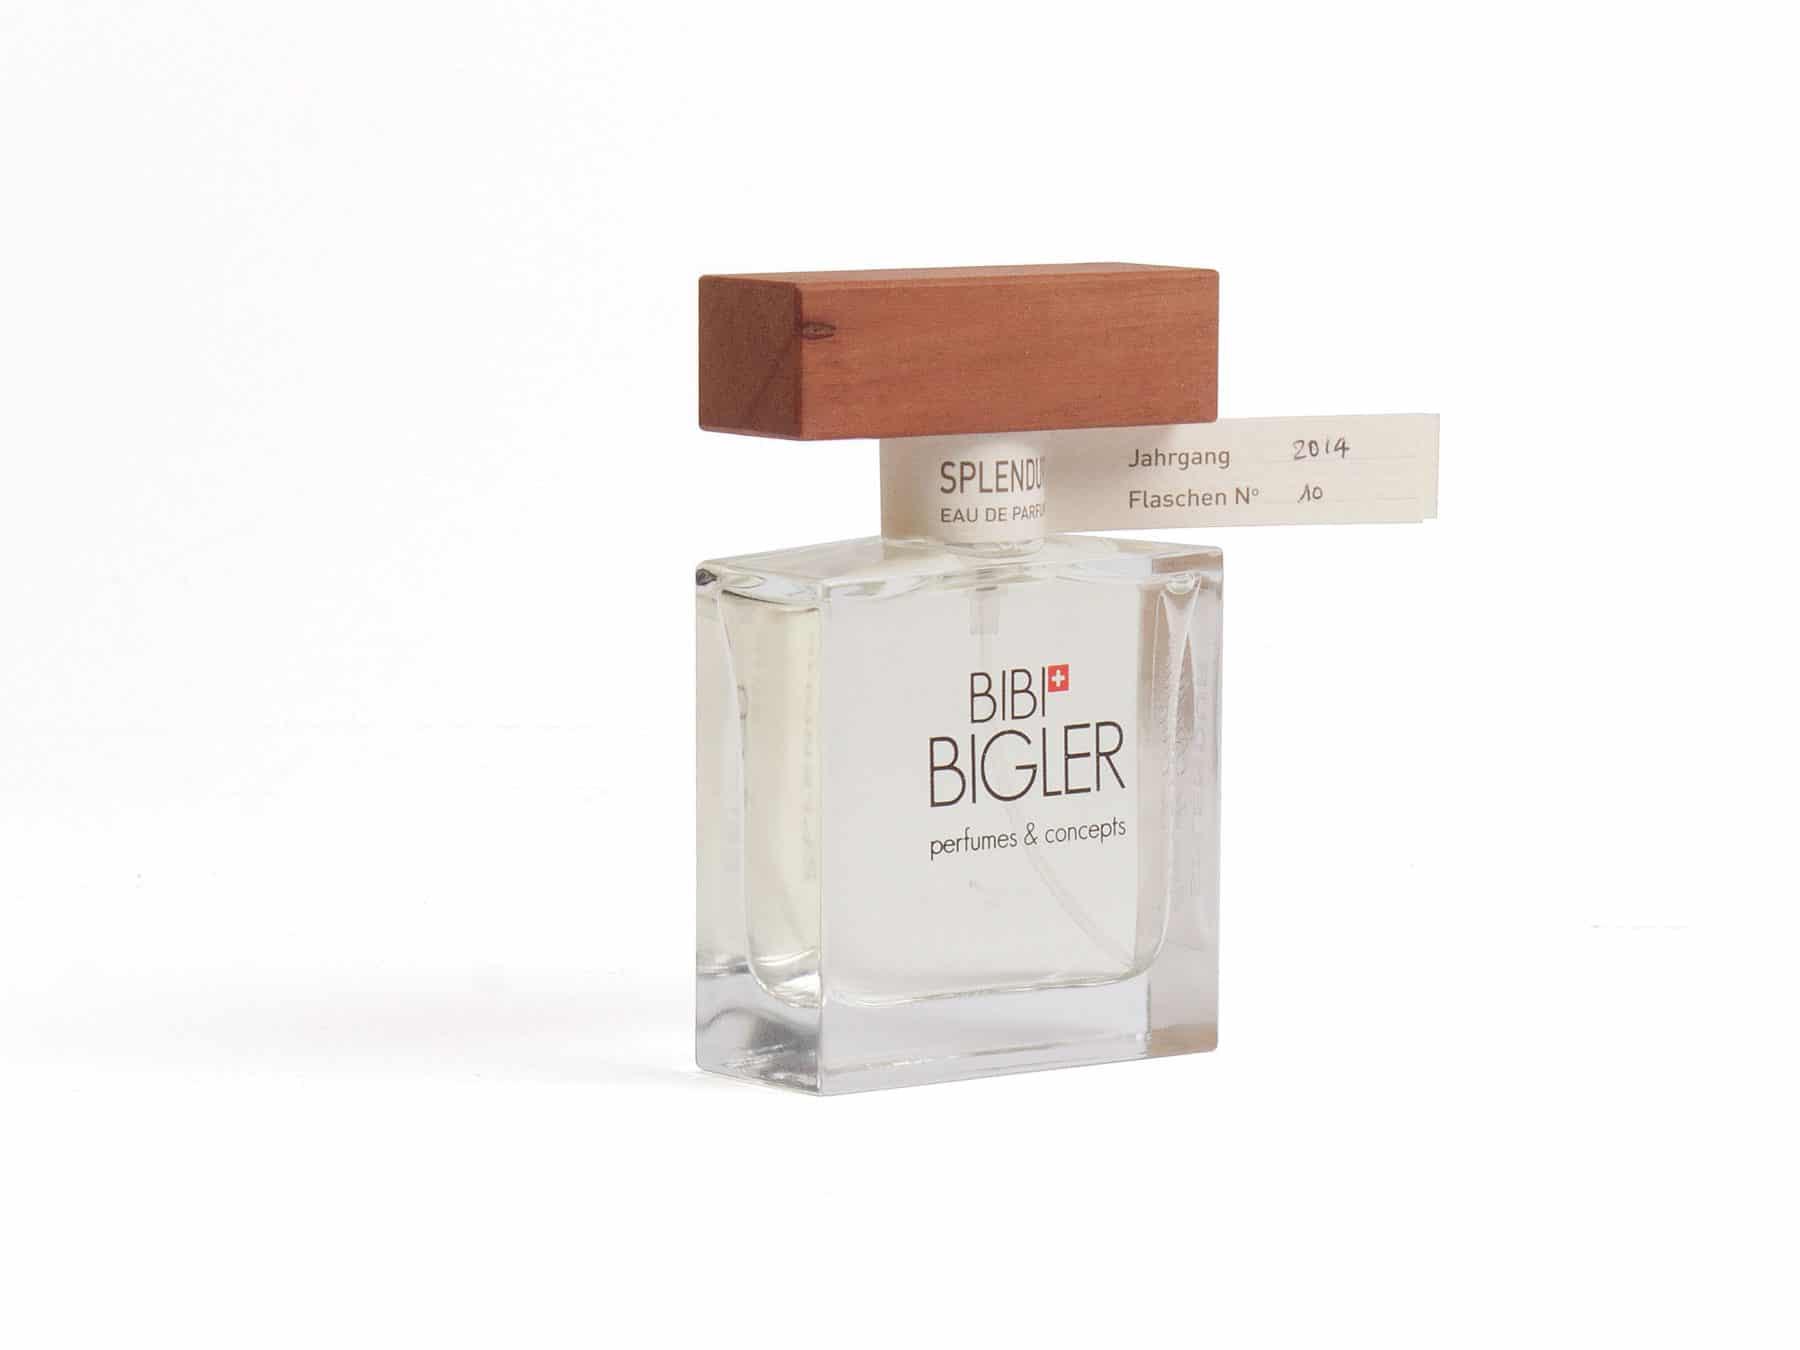 Parfum Wiesenduft Parfum Splendur Schweiz handmade Eau de parfum Bigler KURTS.ch